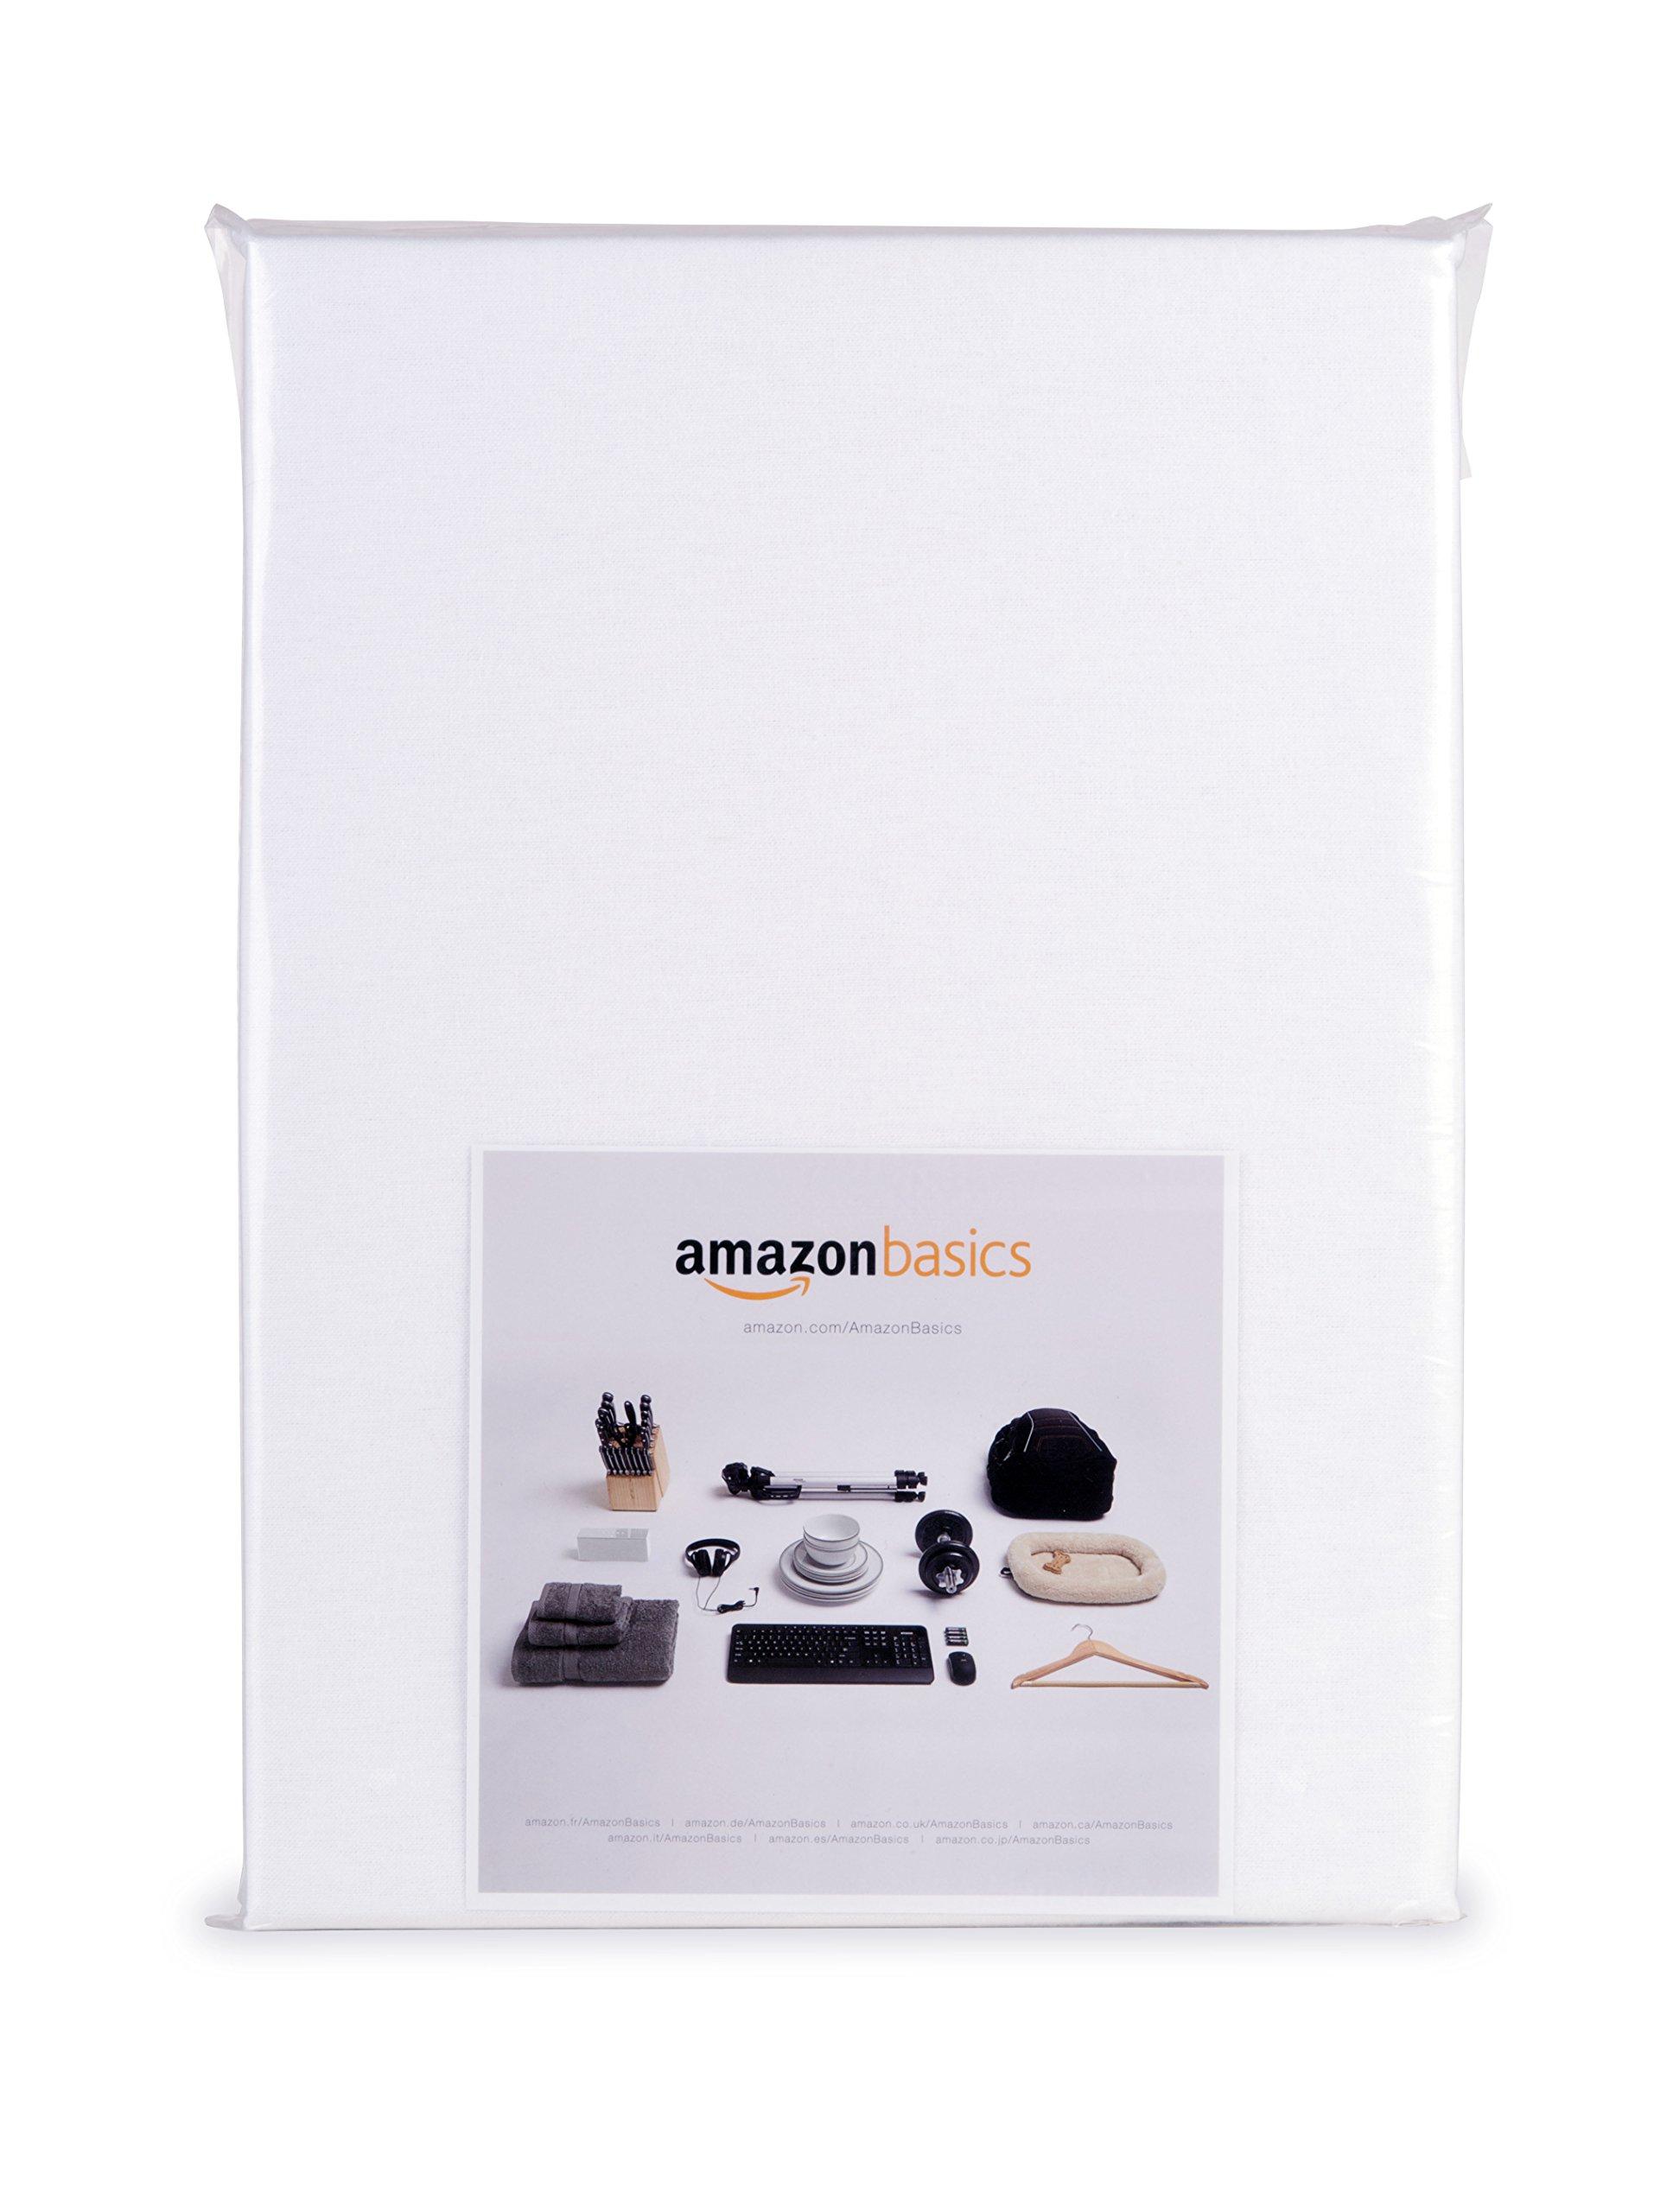 Coprimaterasso Impermeabile Letto Singolo.Amazonbasics Coprimaterasso Impermeabile In Molton Per Letto Singolo 90 X 200 Cm Bianco